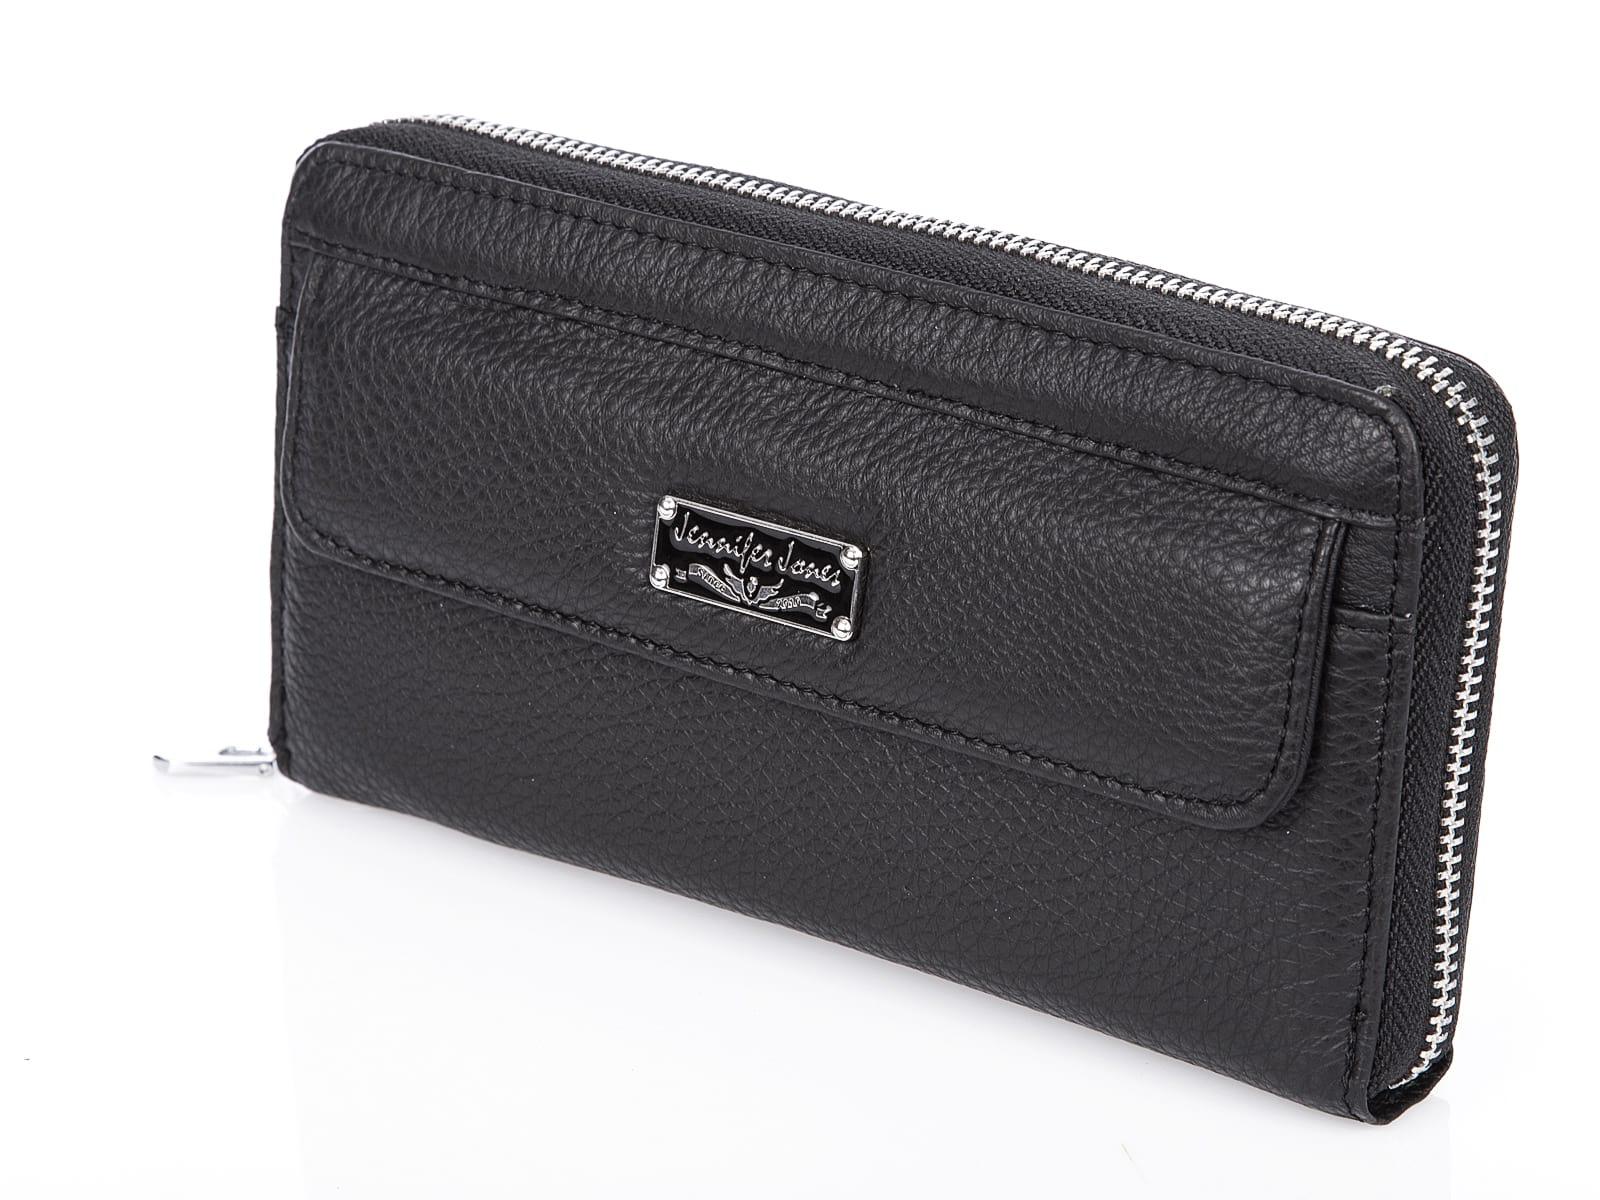 Skorzane portfele damskie (8)